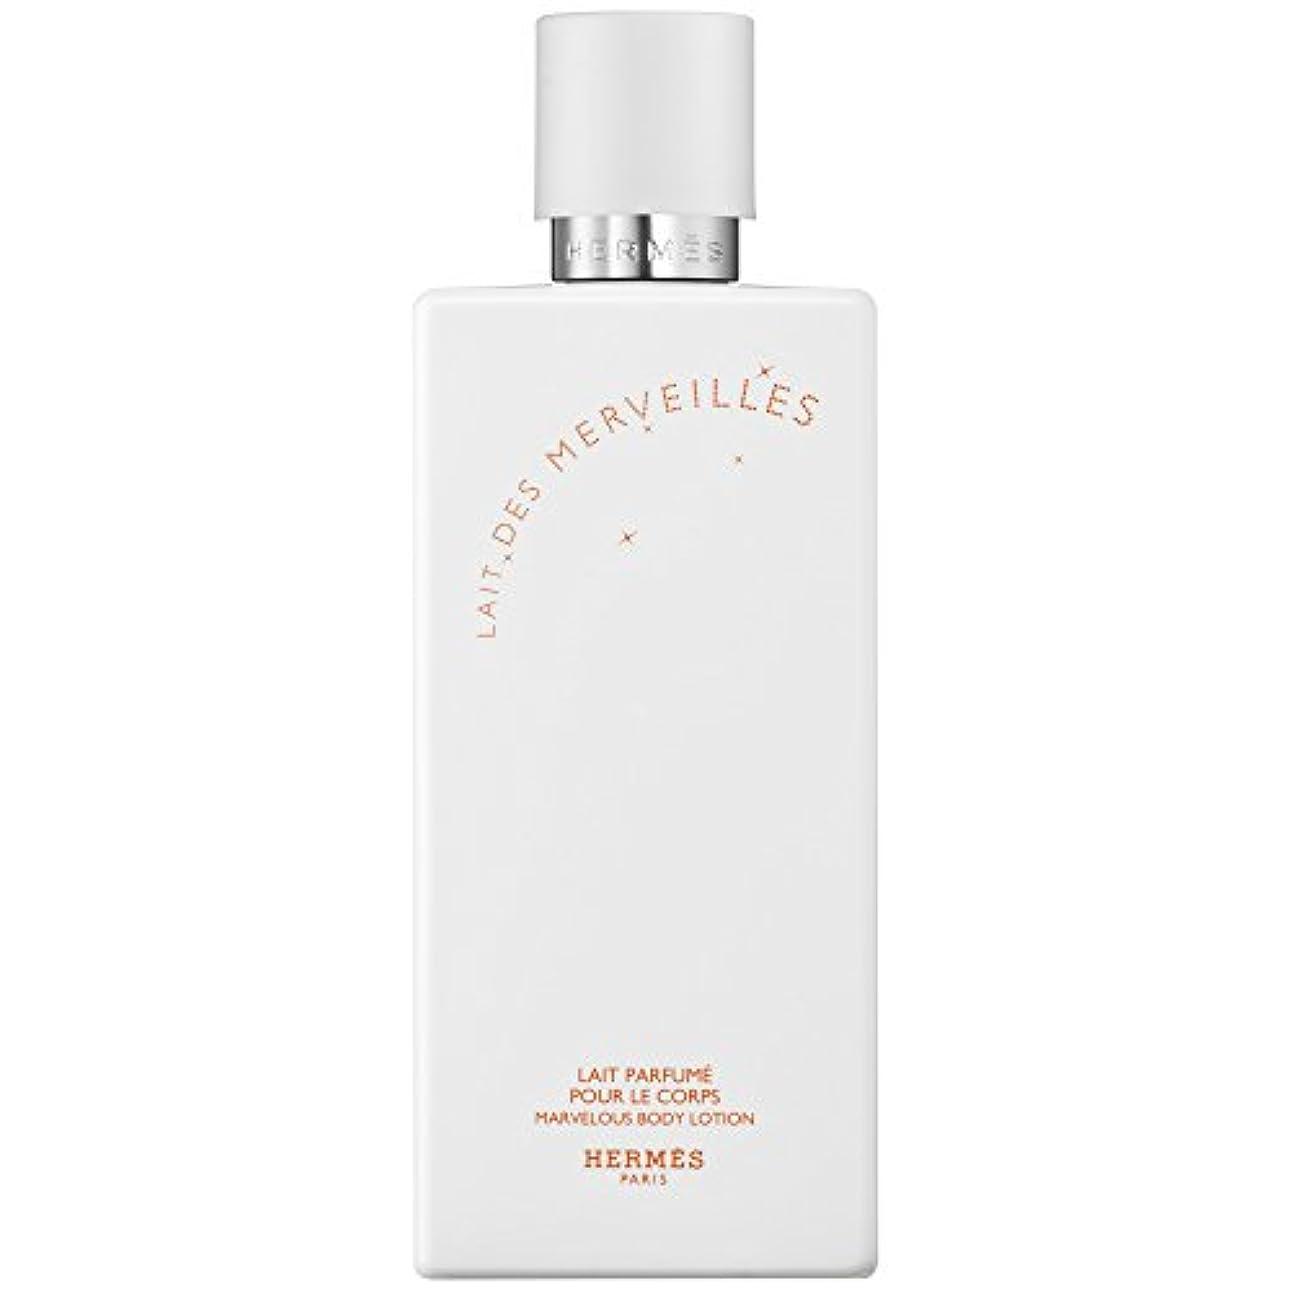 困った影響力のある歯エルメスオーデMerveilles香りのボディローション200ミリリットル (HERM?S) (x2) - HERM?S Eau Des Merveilles Perfumed Body Lotion 200ml (Pack of 2) [並行輸入品]